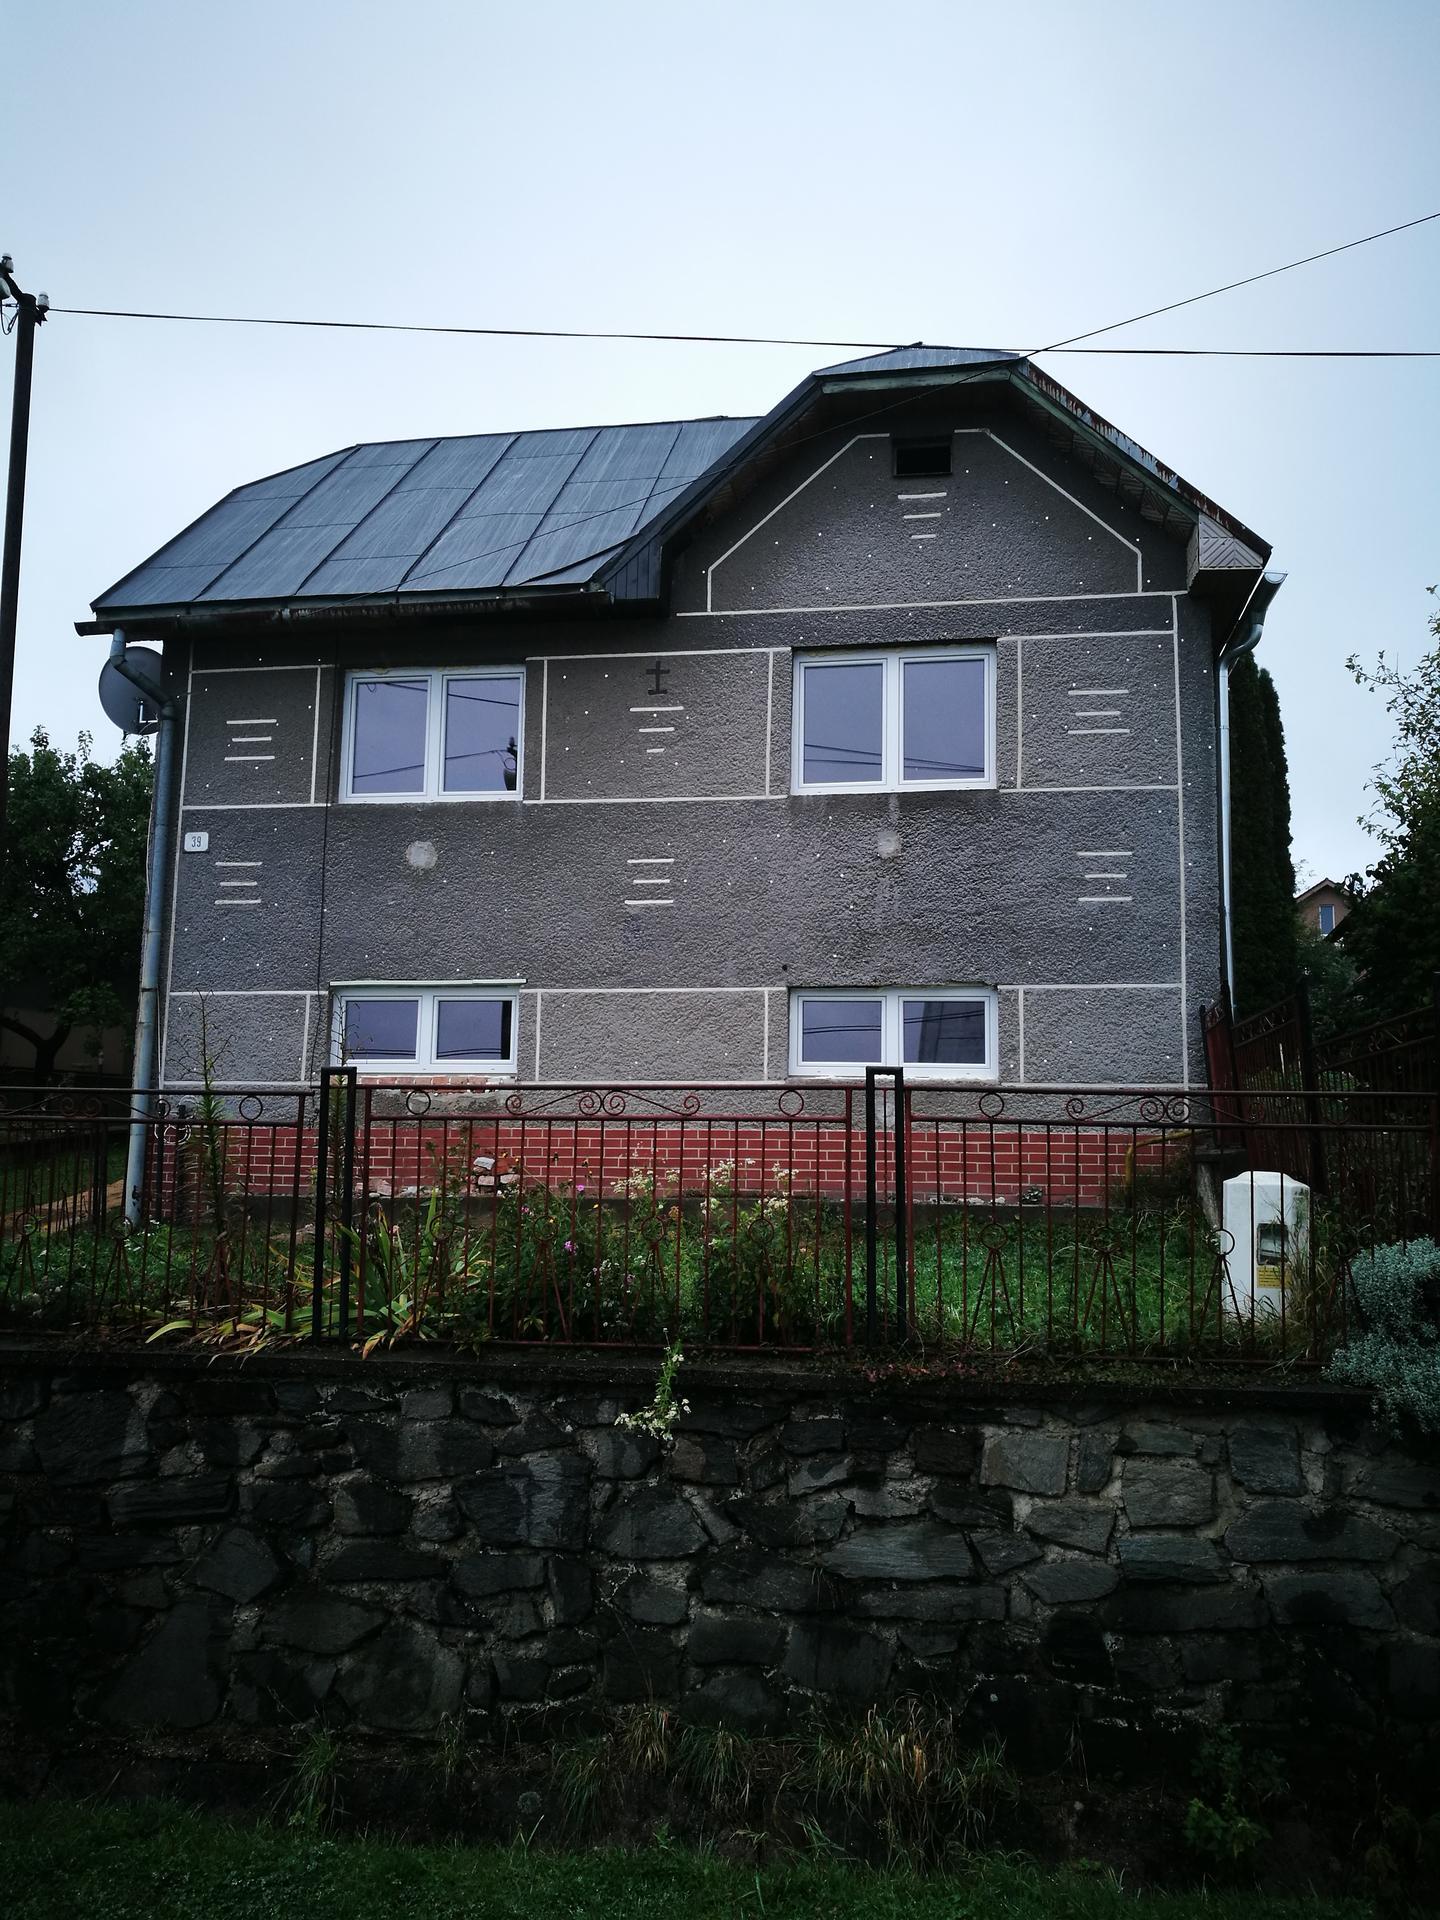 rekonštrukcia na 110% - okná osadené, dom umytý od sadzí, hneď to lepšie pôsobí